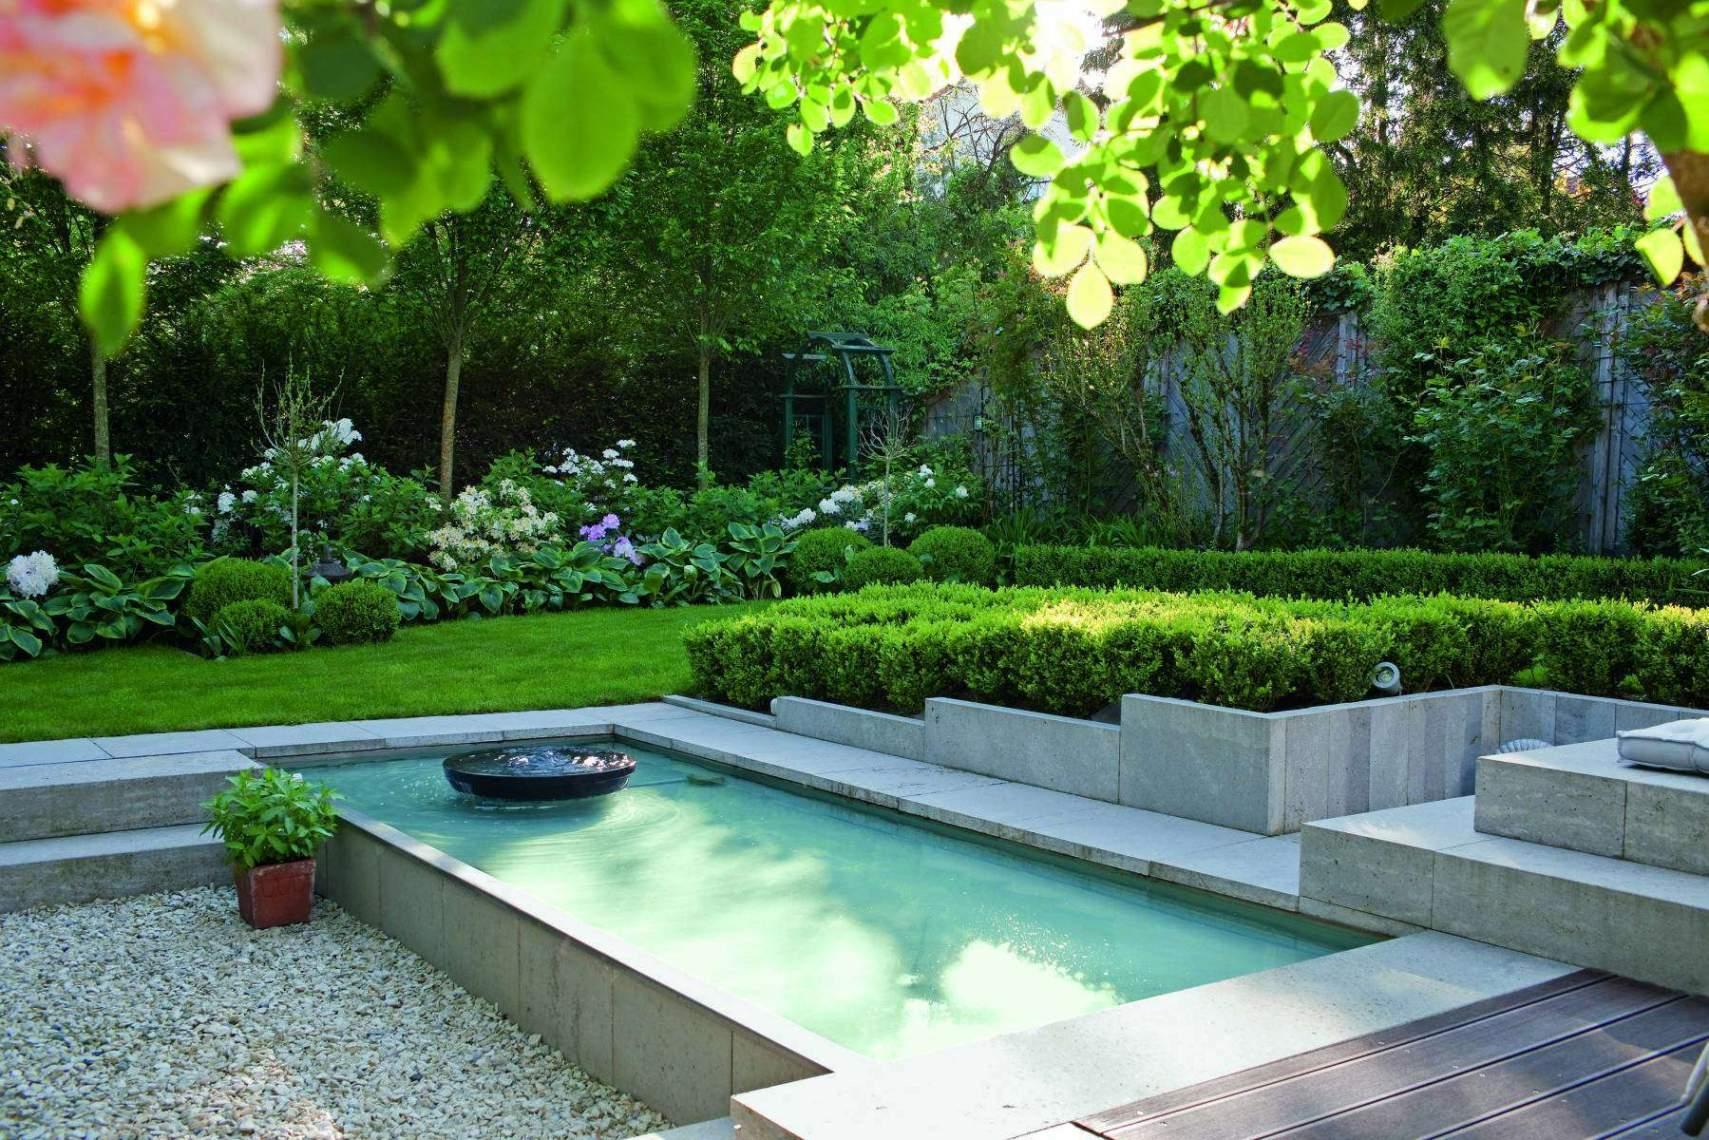 Pool Für Den Garten Inspirierend Kleine Pools Für Kleine Gärten — Temobardz Home Blog